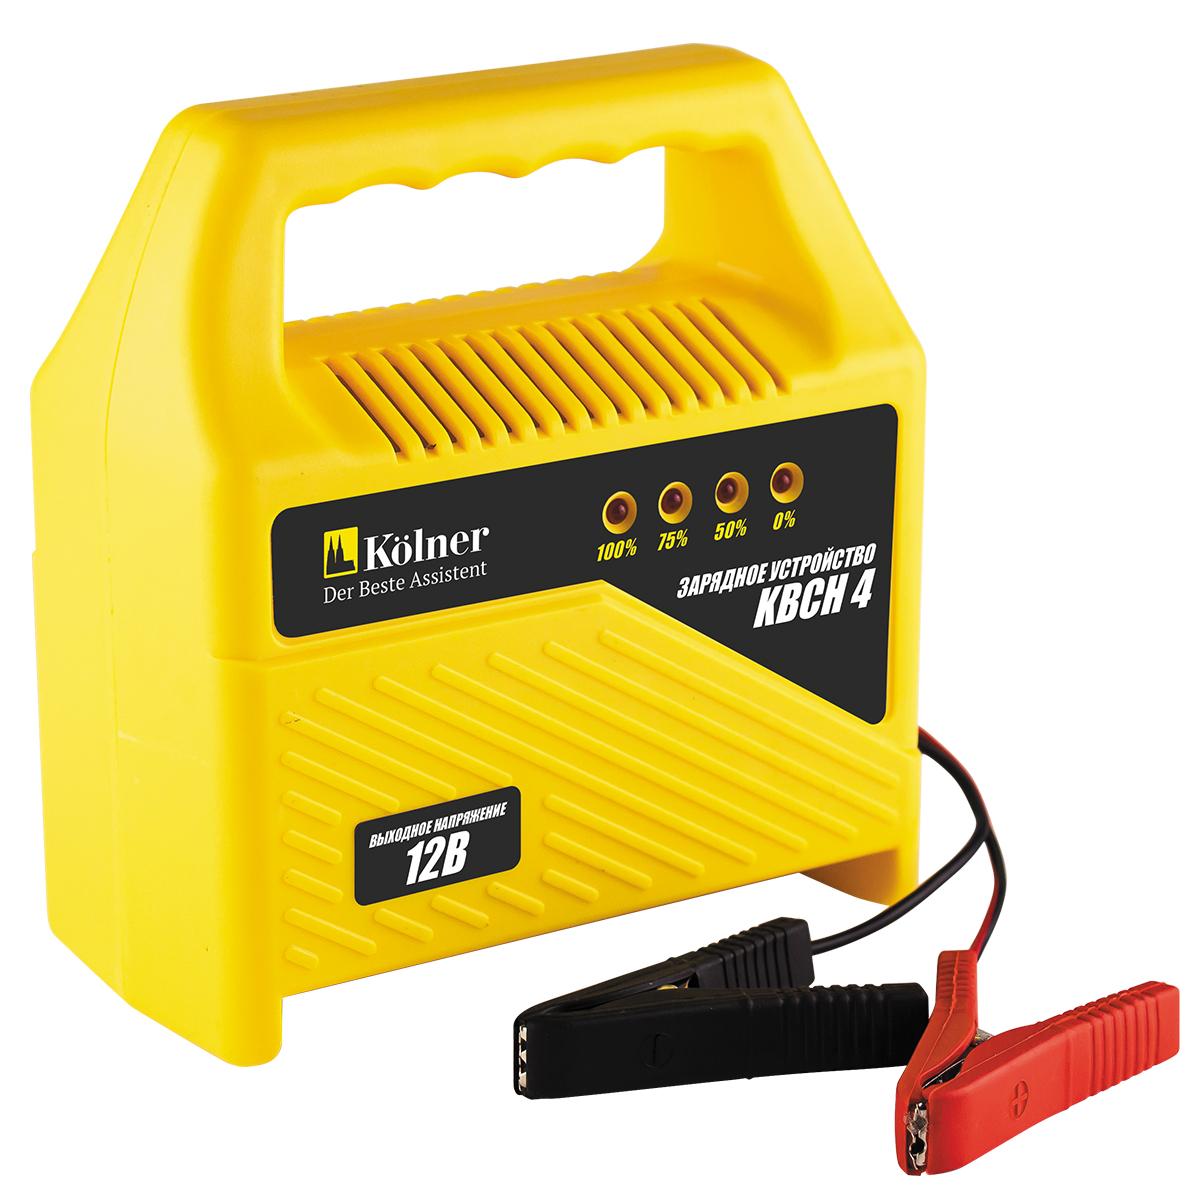 Зарядное устройство для аккумуляторов Kolner KBCН 4 зарядное устройство для аккумуляторов kolner kbcн 8 уцененный товар 5